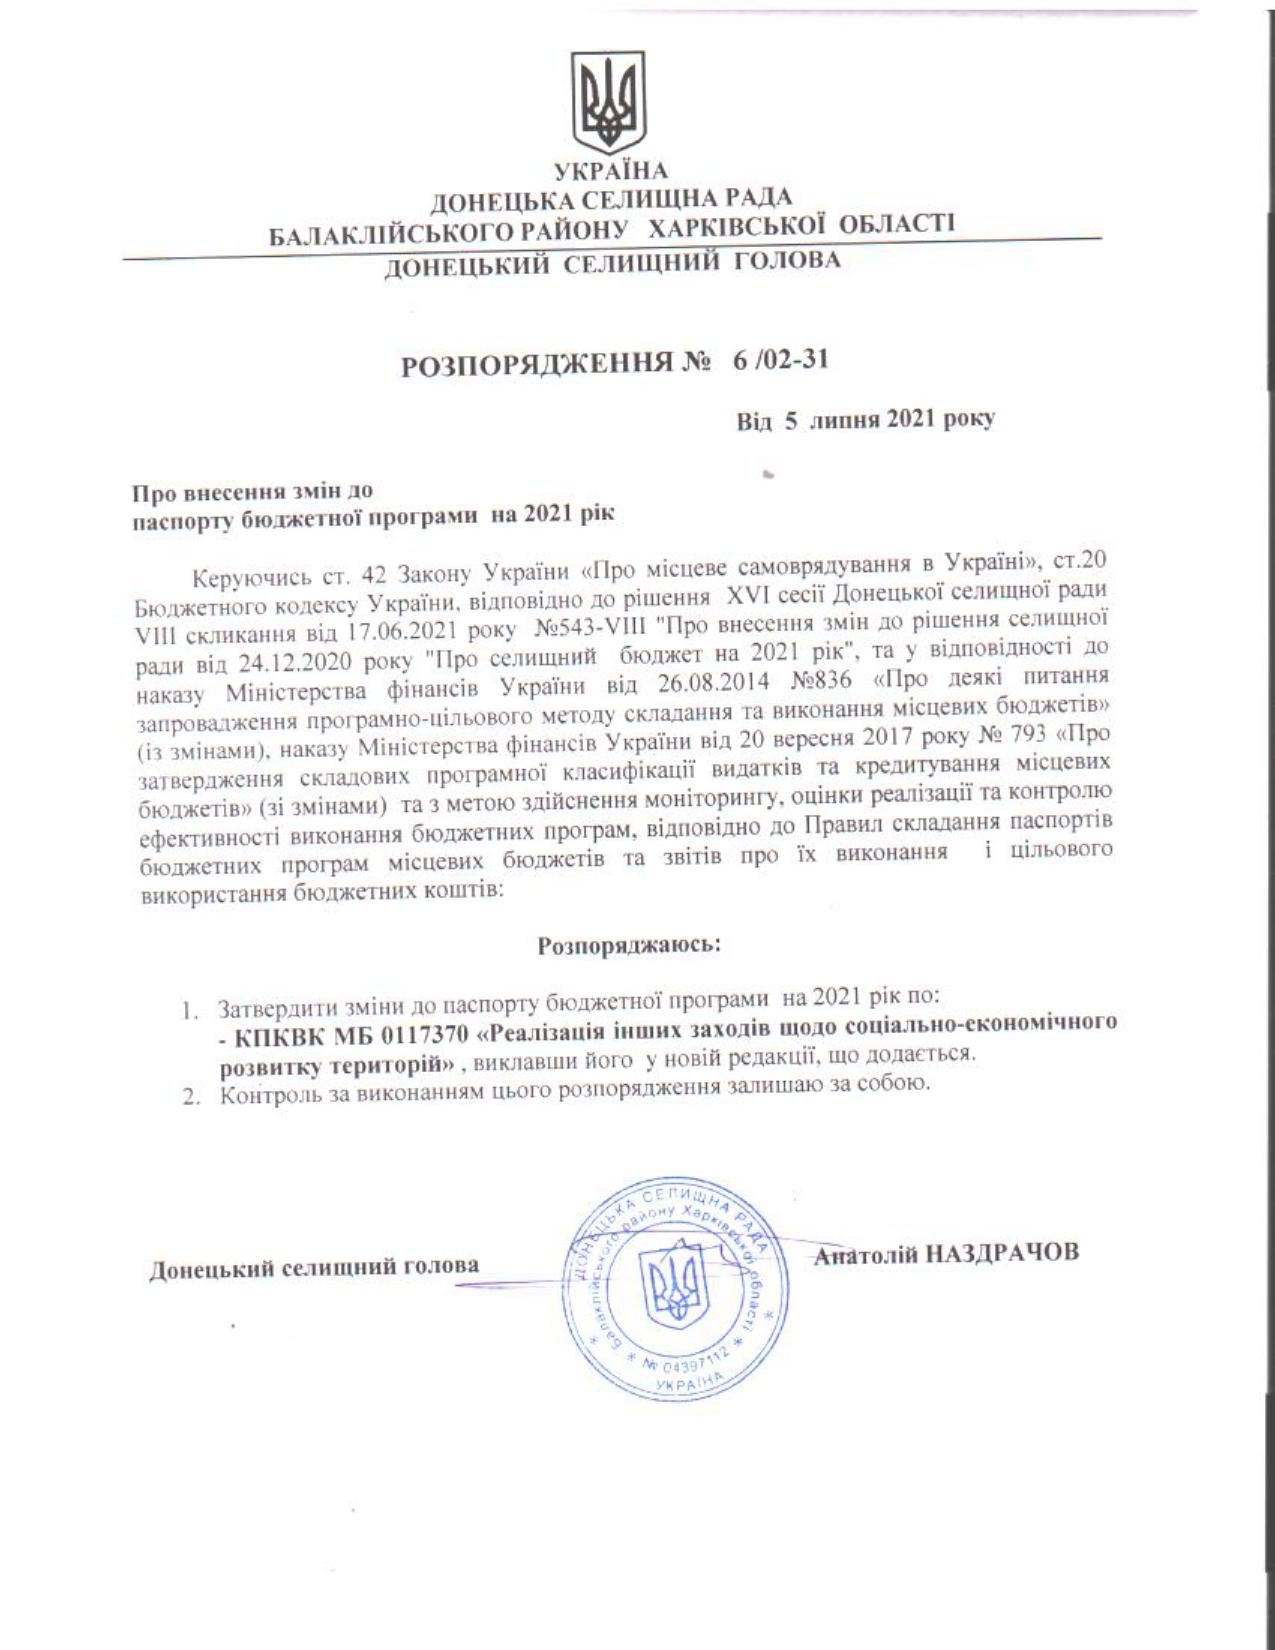 Розпорядження №6/02-31 Про внесення змін до паспорту бюджетної програми на 2021 рік